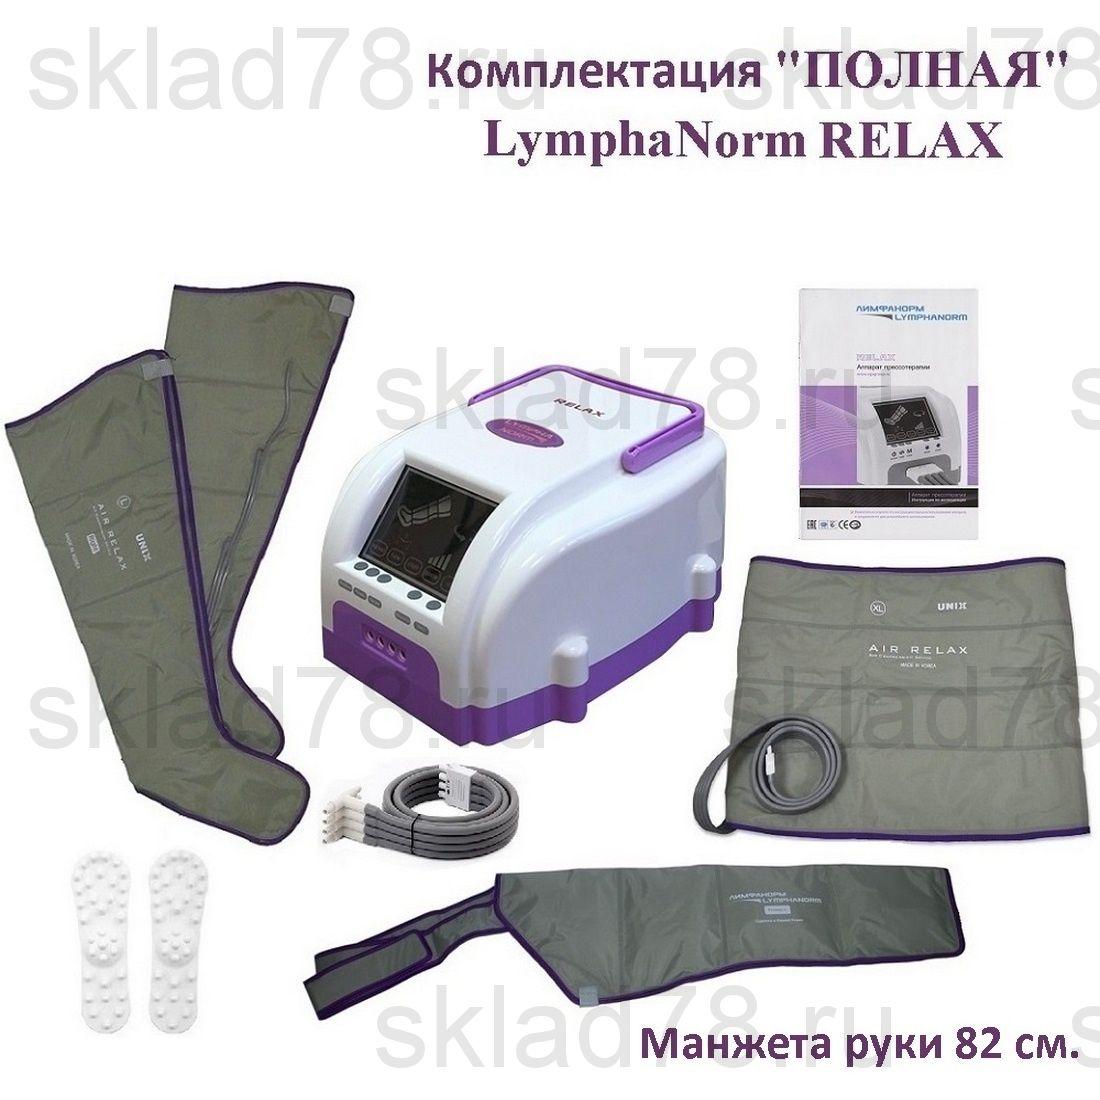 LymphaNorm RELAX Лимфодренаж «Полный» (рука 82 см.)